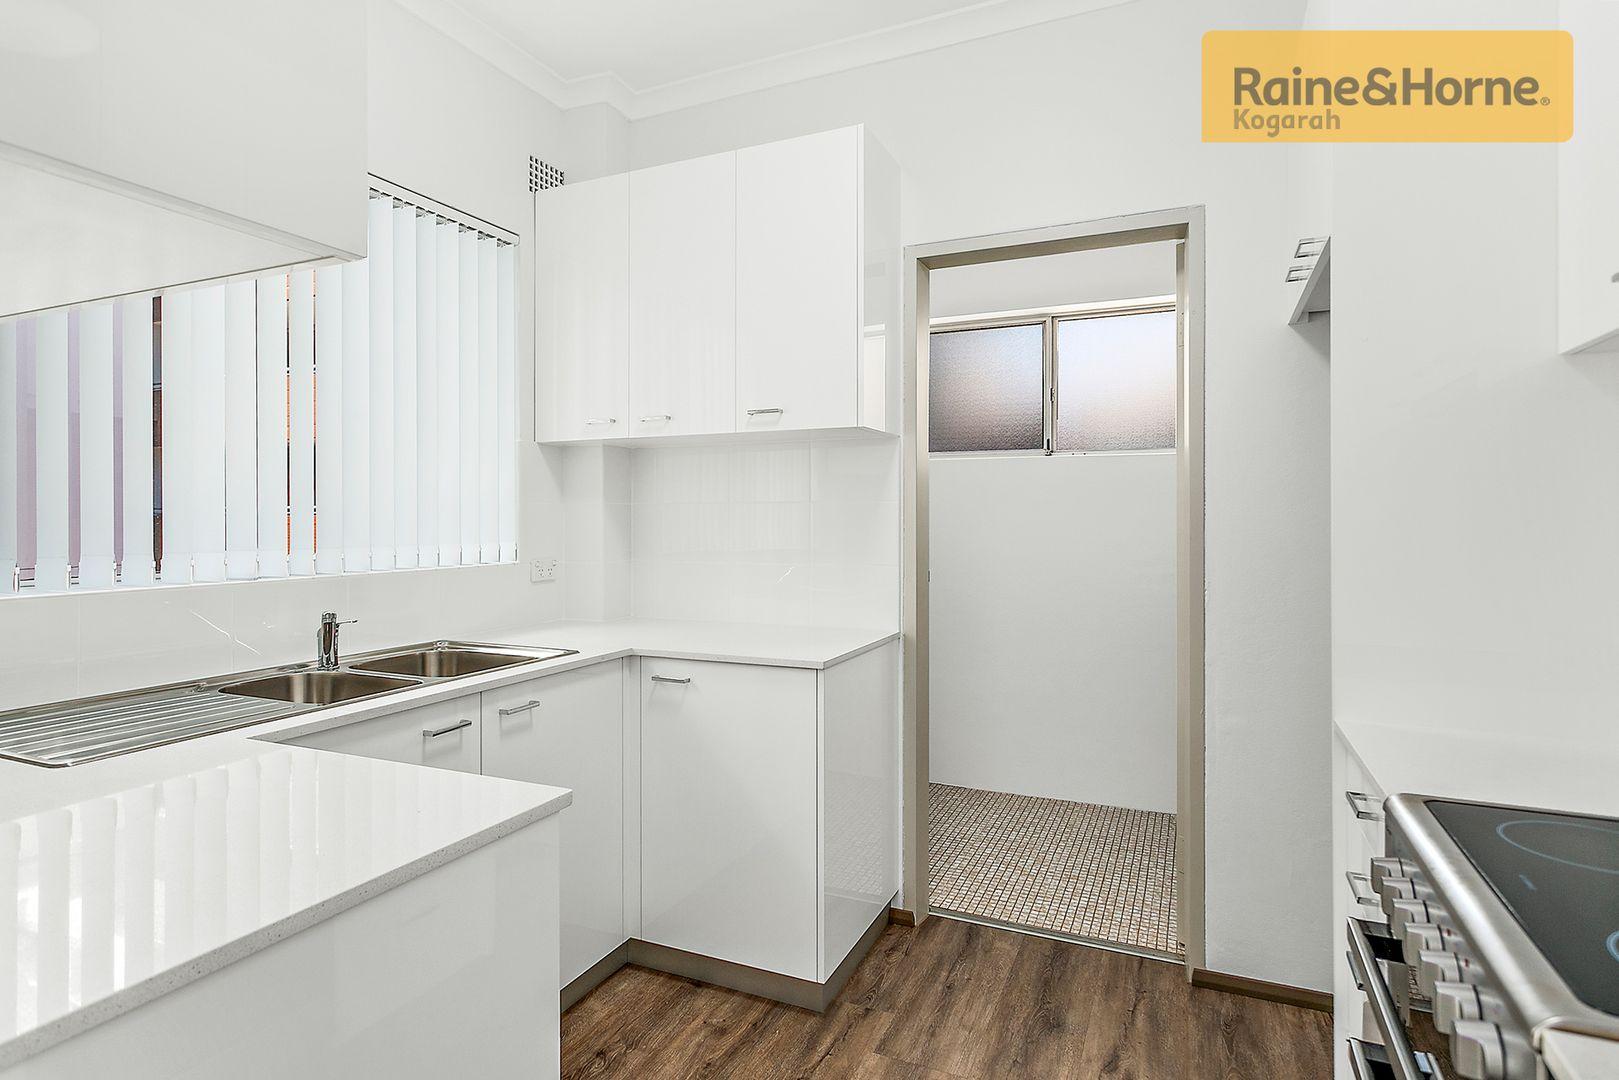 7/17 Robertson Street, Kogarah NSW 2217, Image 2